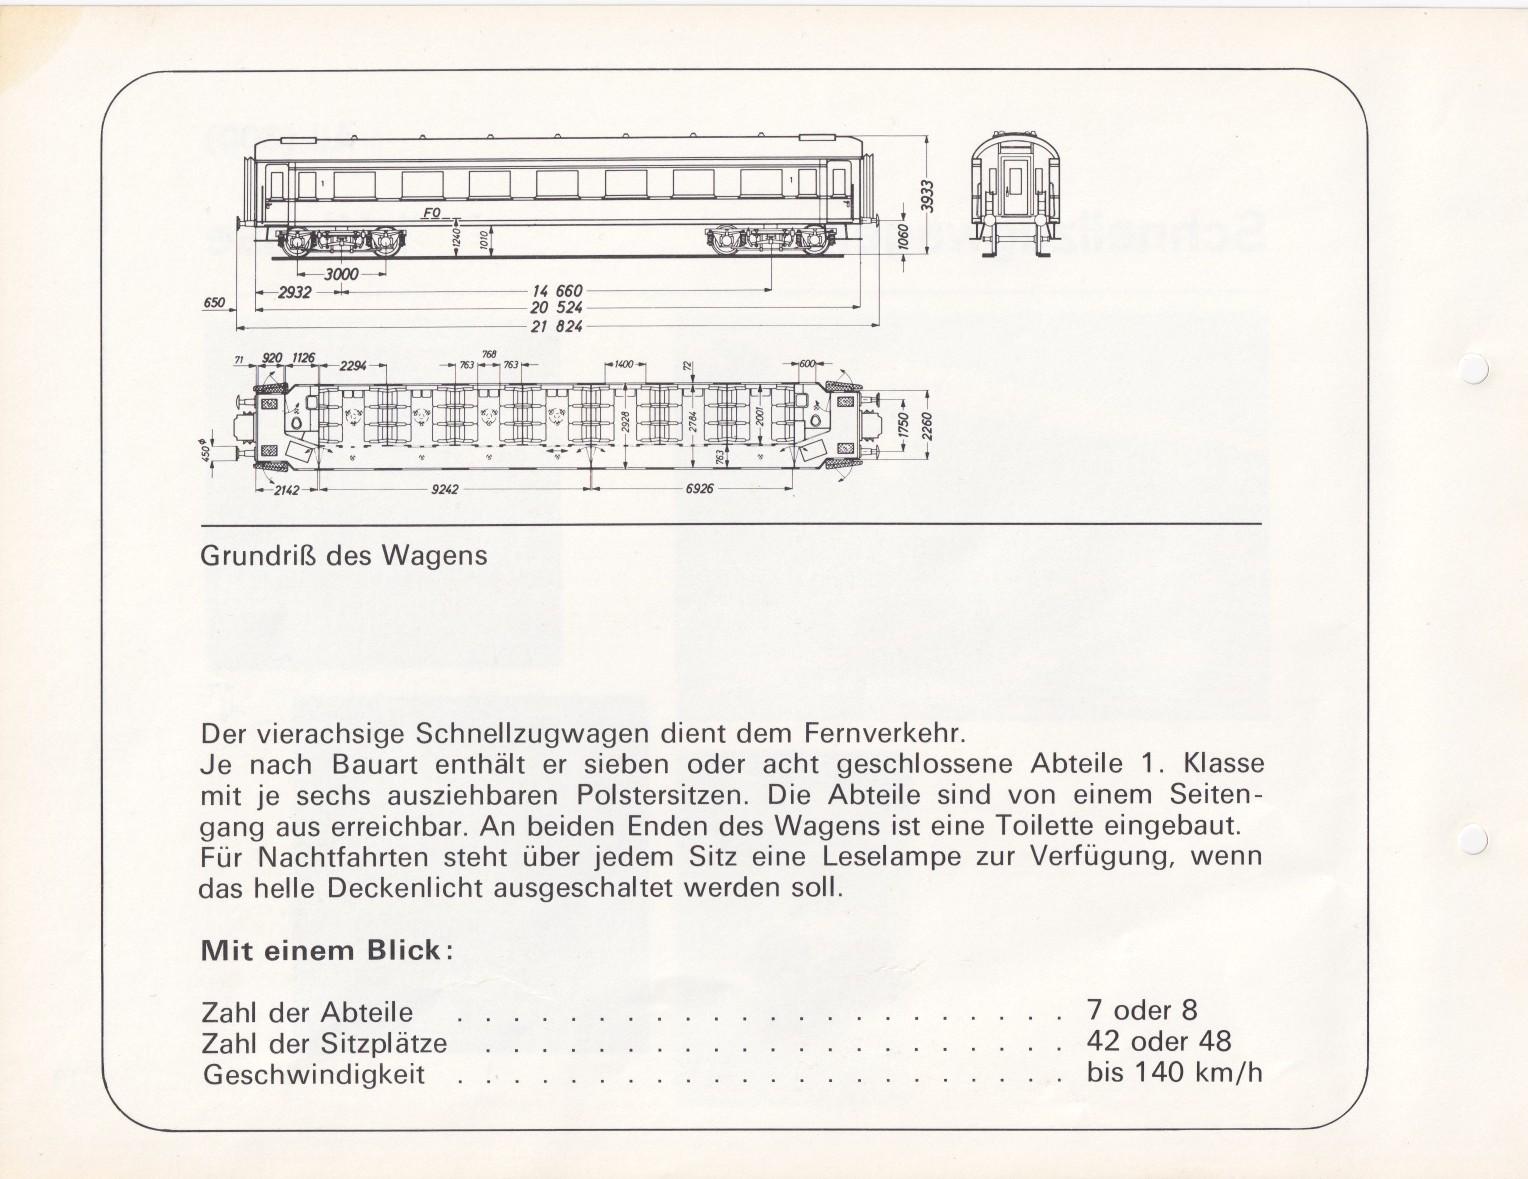 https://www.nullclub.de/hifo/Fahrzeuglexikon/Wagen13b.jpg